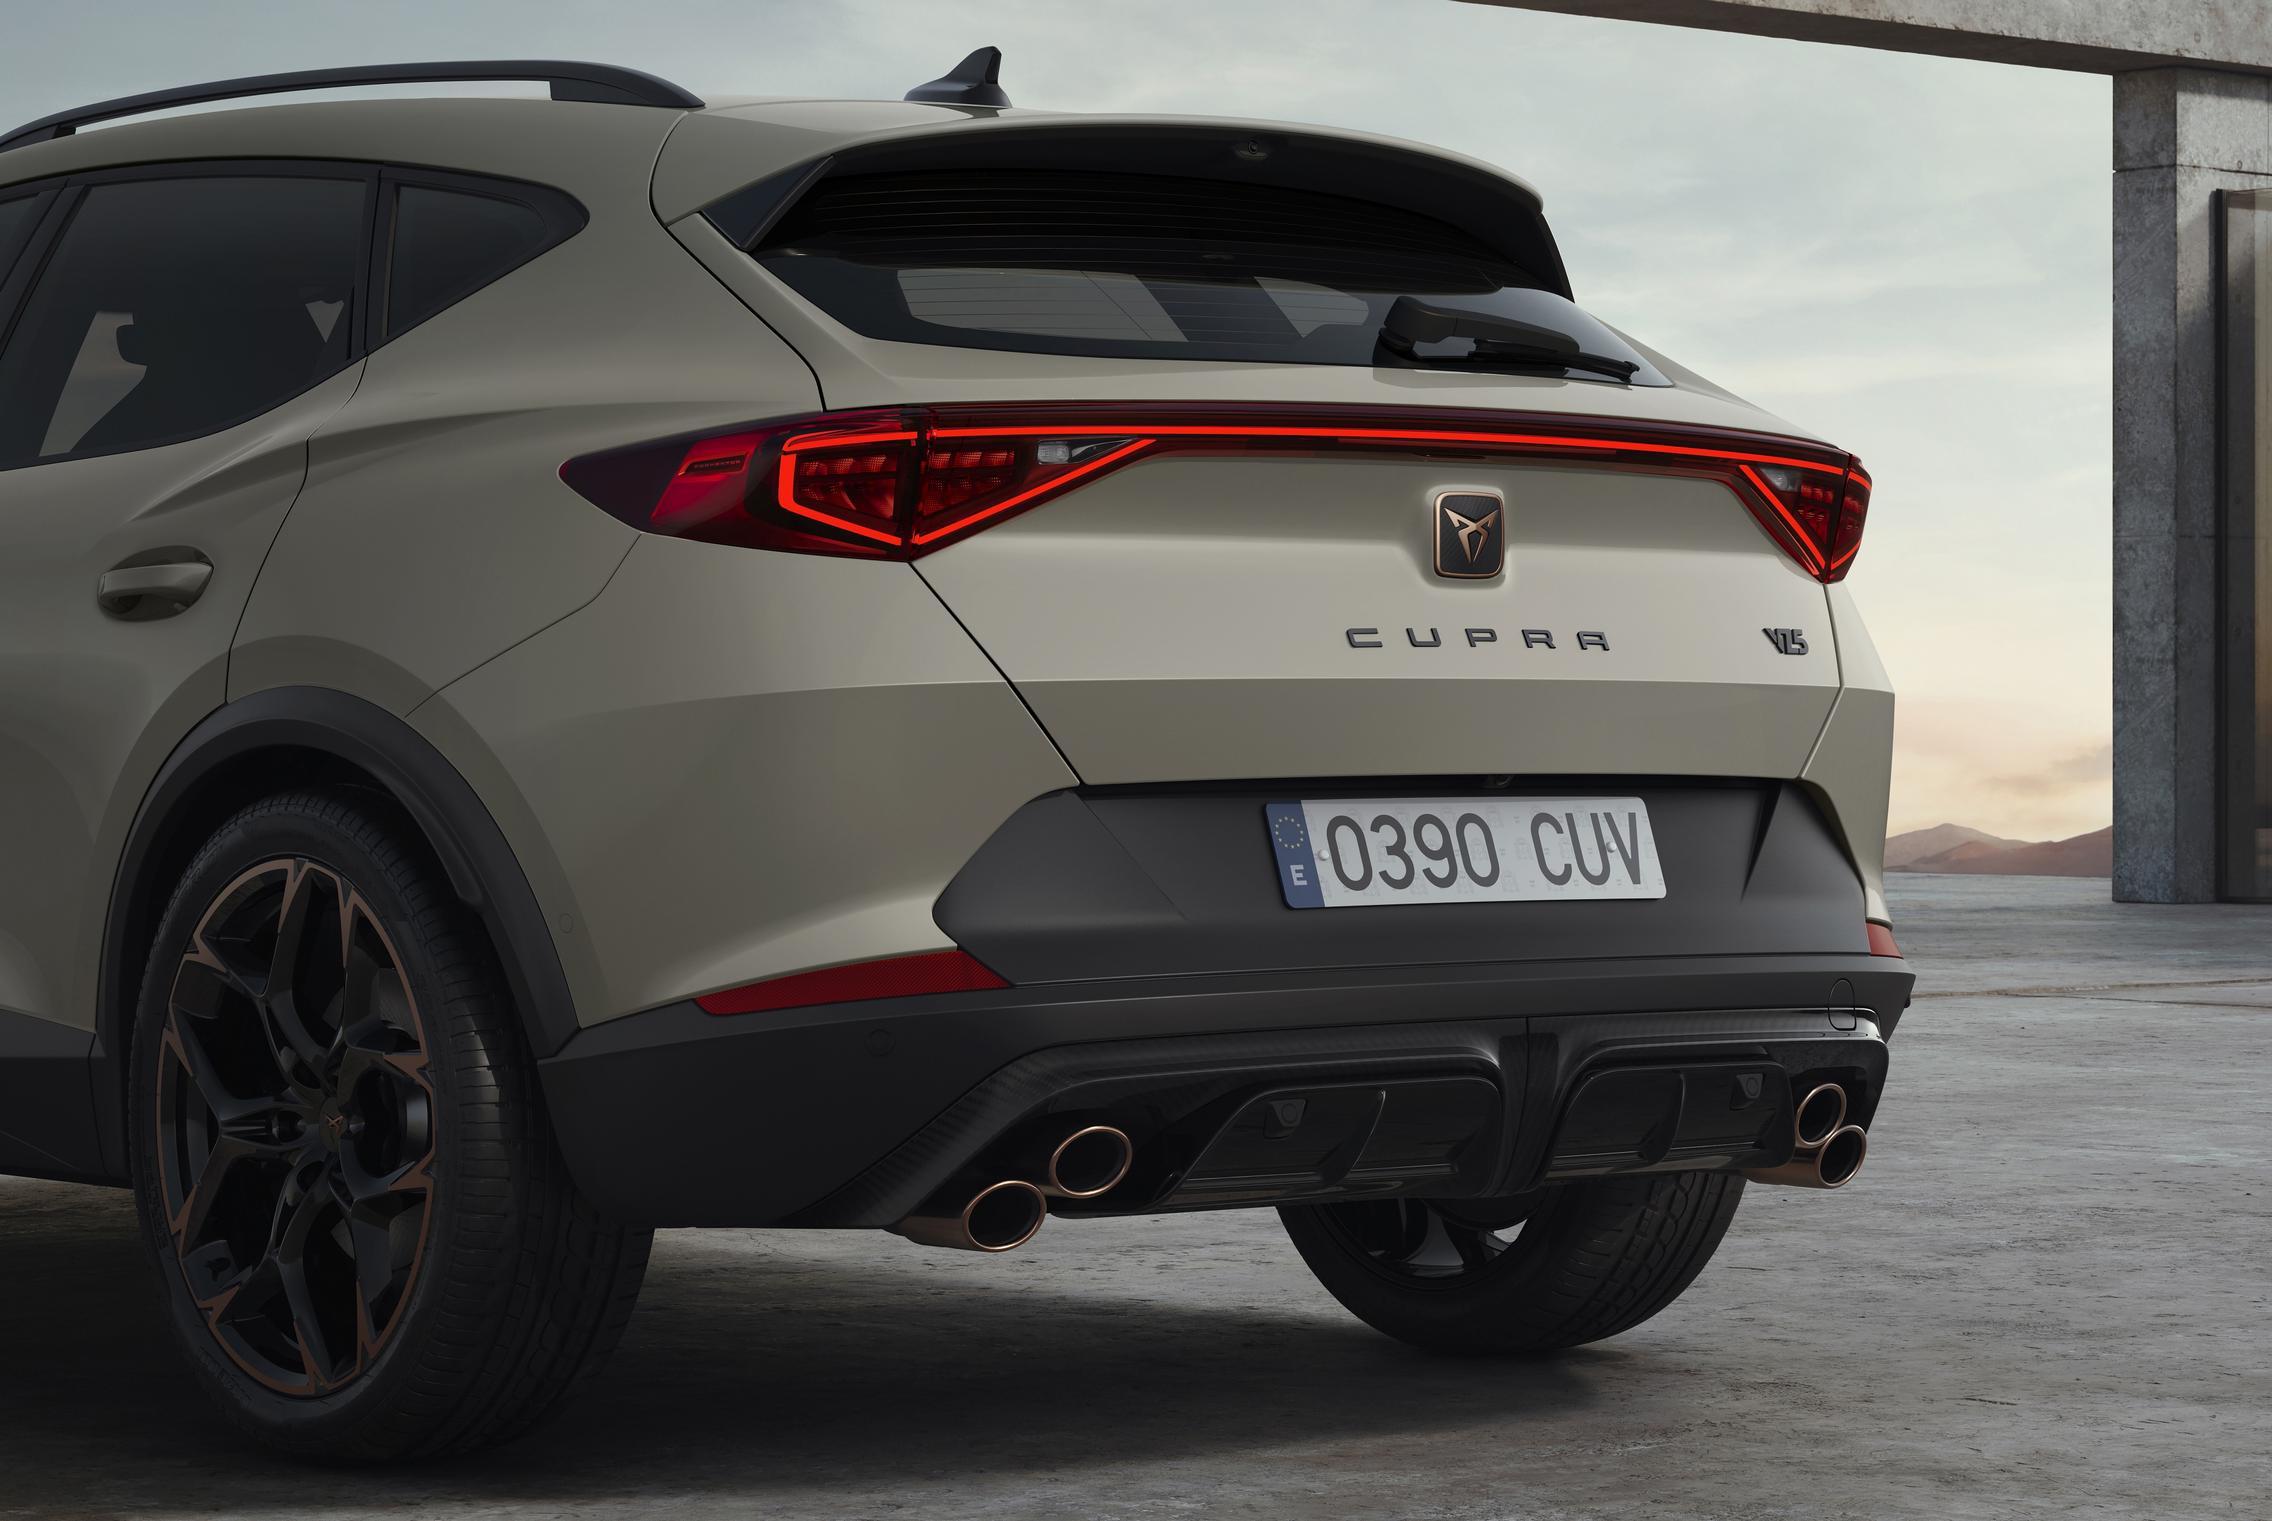 Cupra Formentor VZ5 rear lights